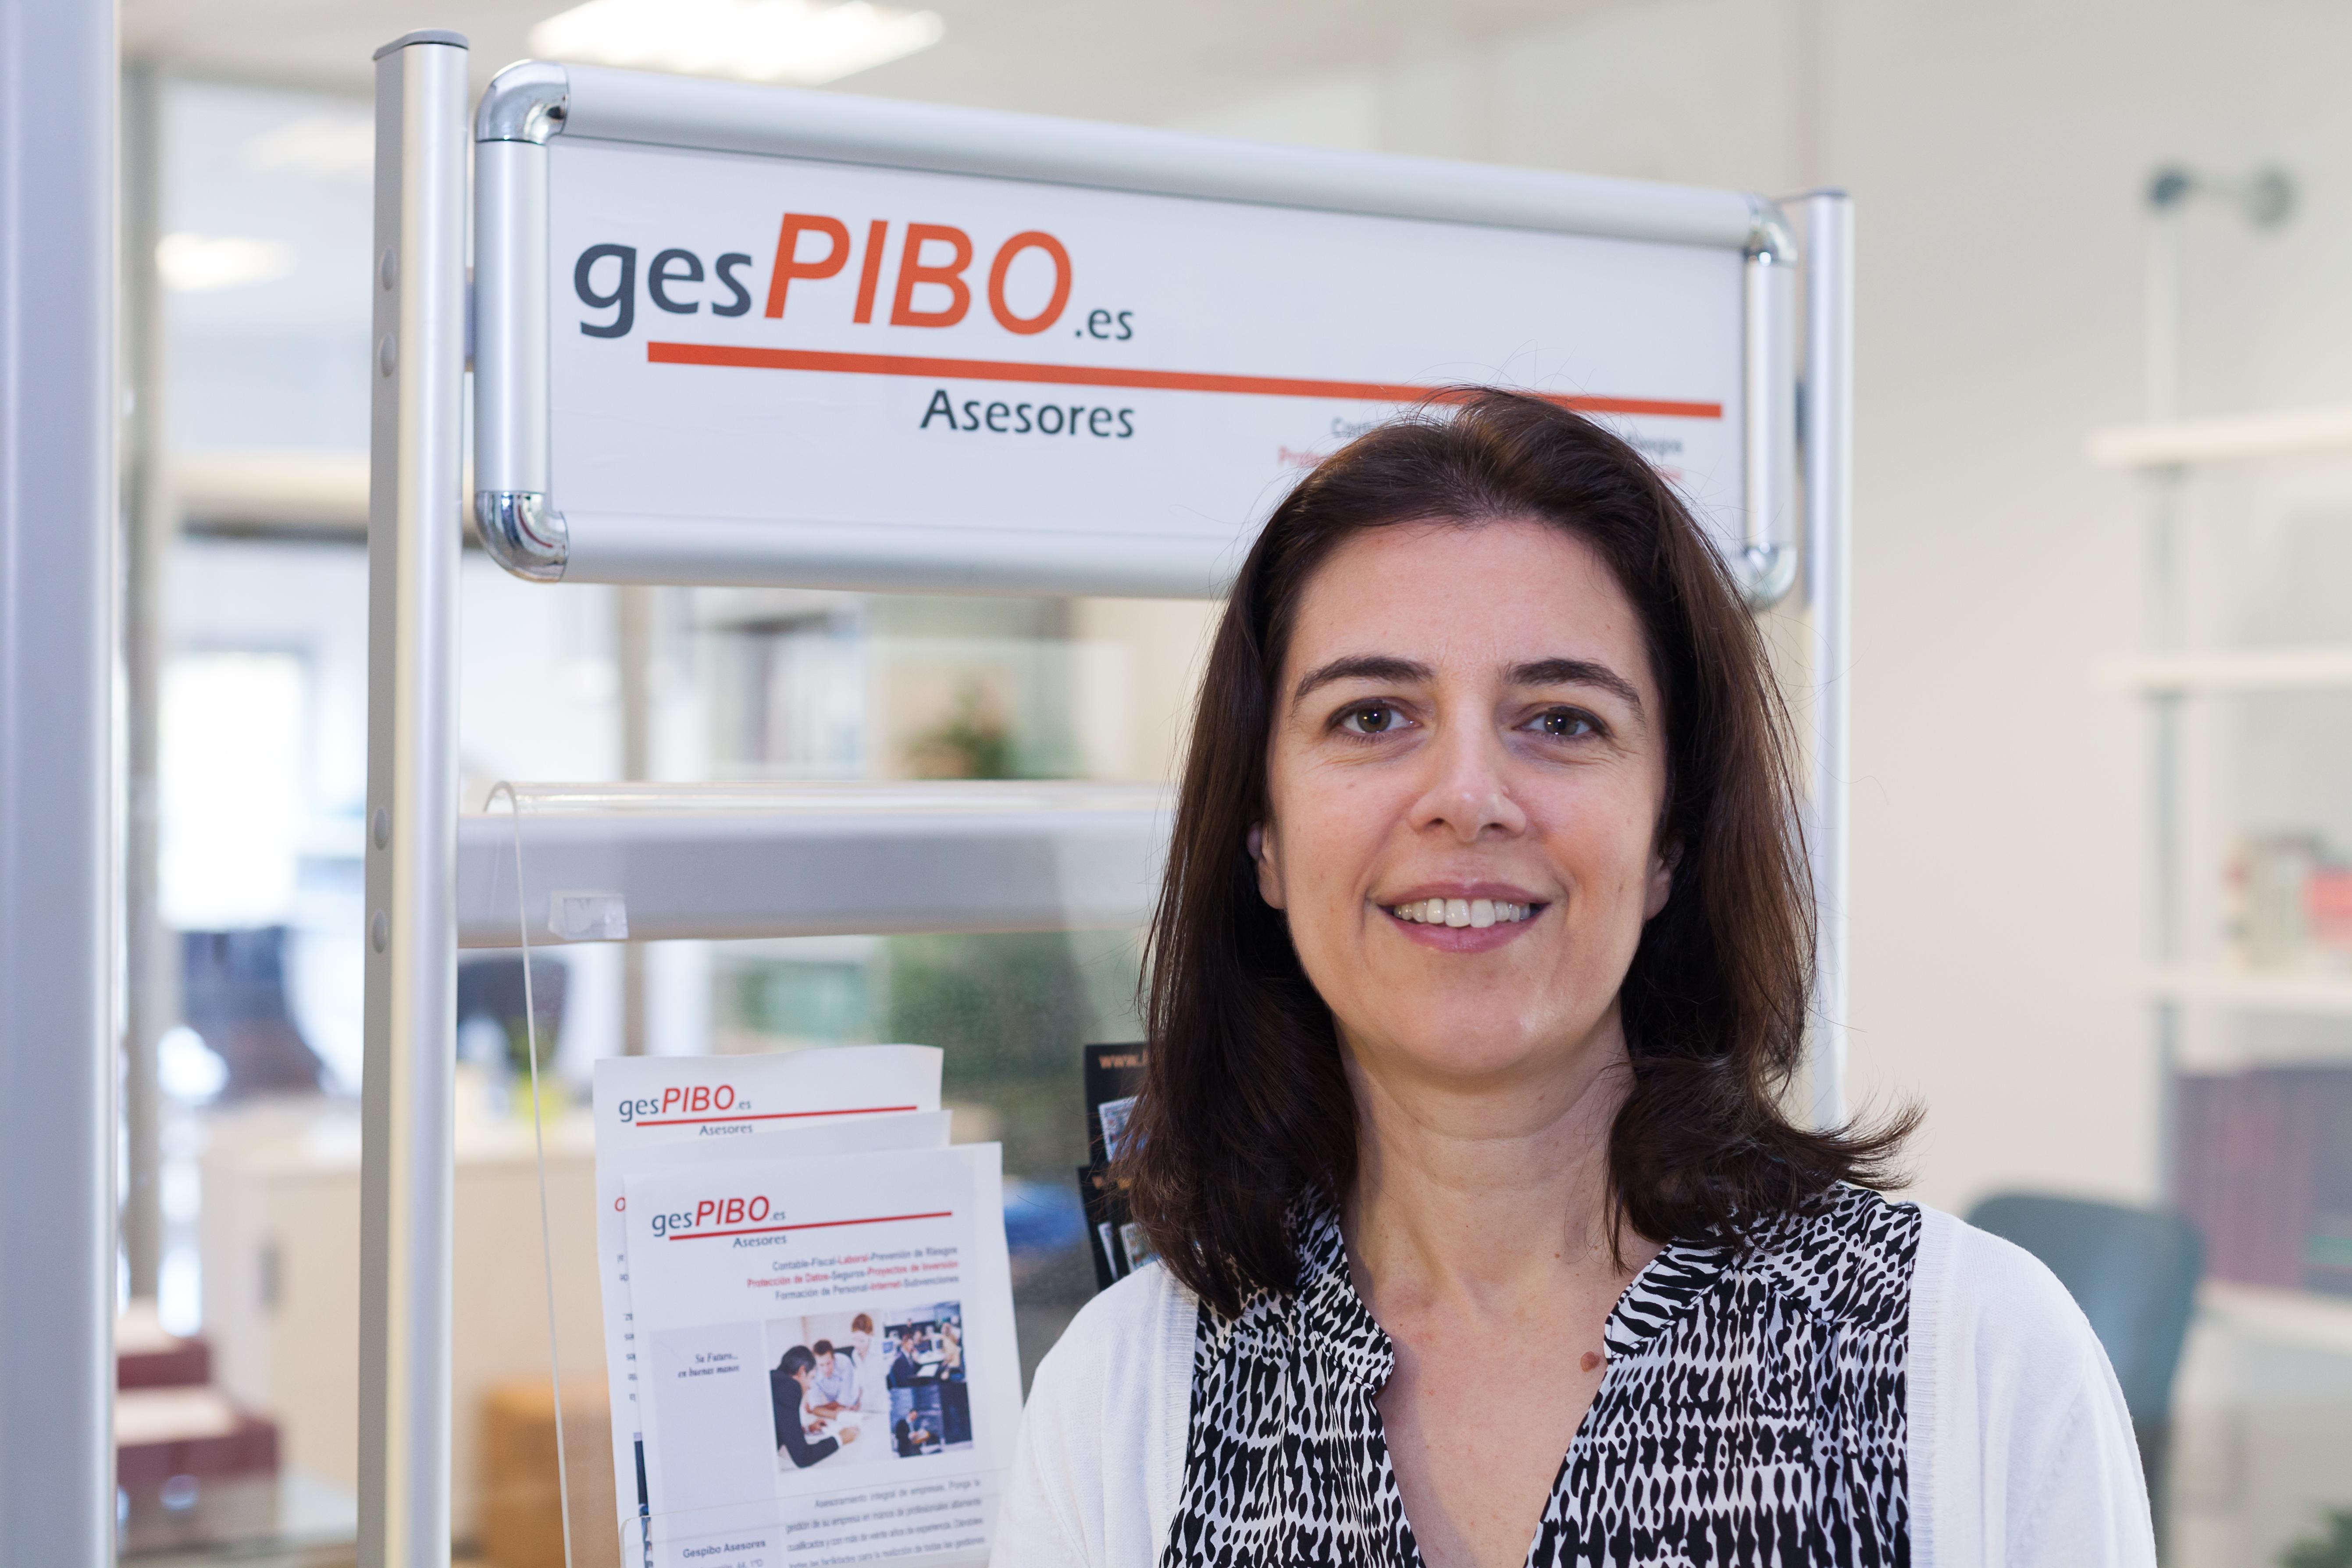 Carmen Toro. Responsable de Área Administración de GesPIBO.Asesoría de Sevilla y Aljarafe